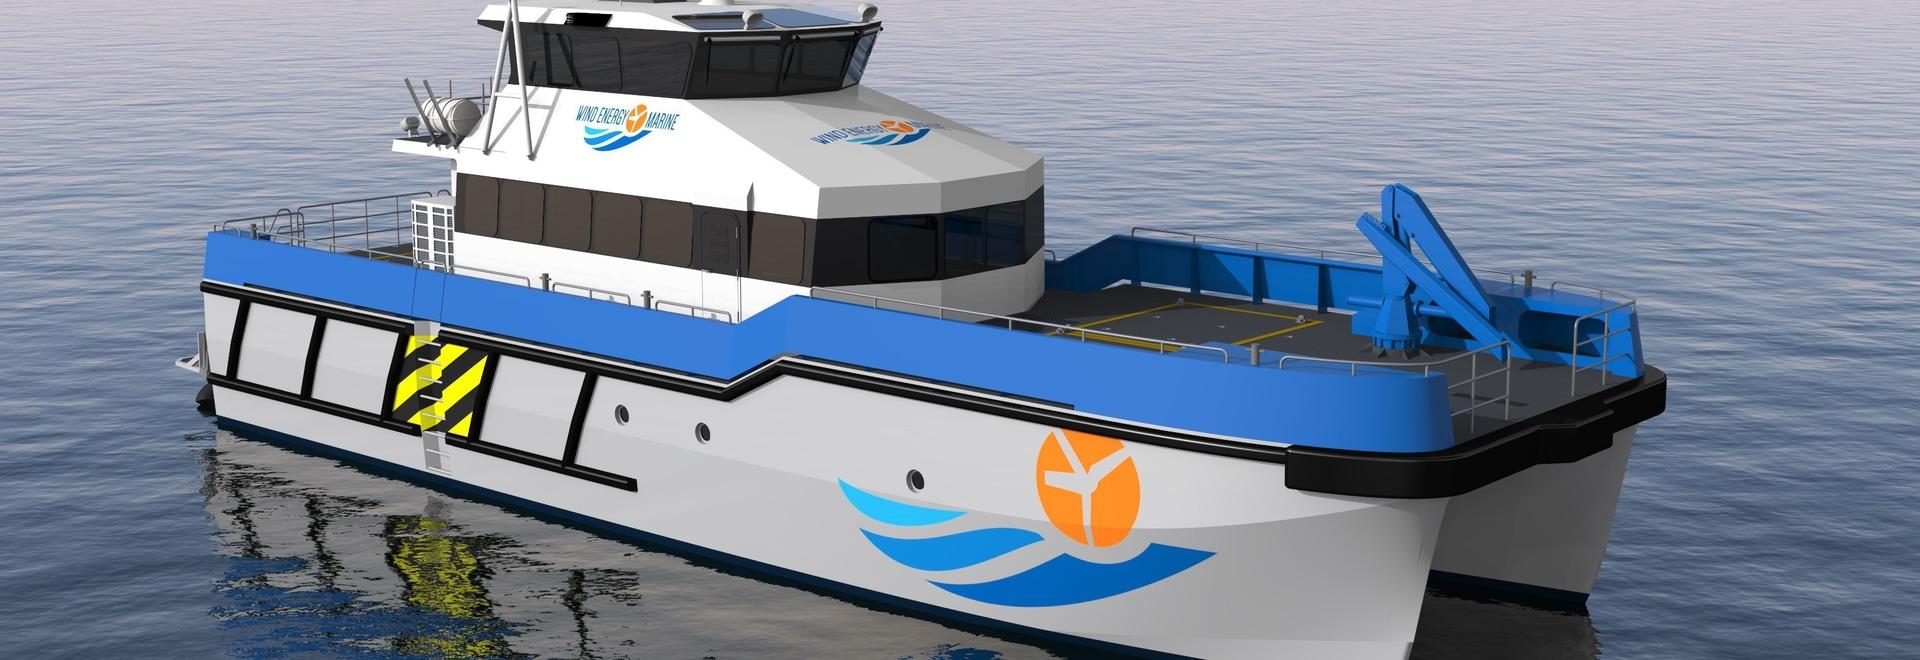 PIRIOU sichert einen Auftrag für zwei Windparkunterstützungsschiffe für WIND-ENERGIE-MARINESOLDATEN